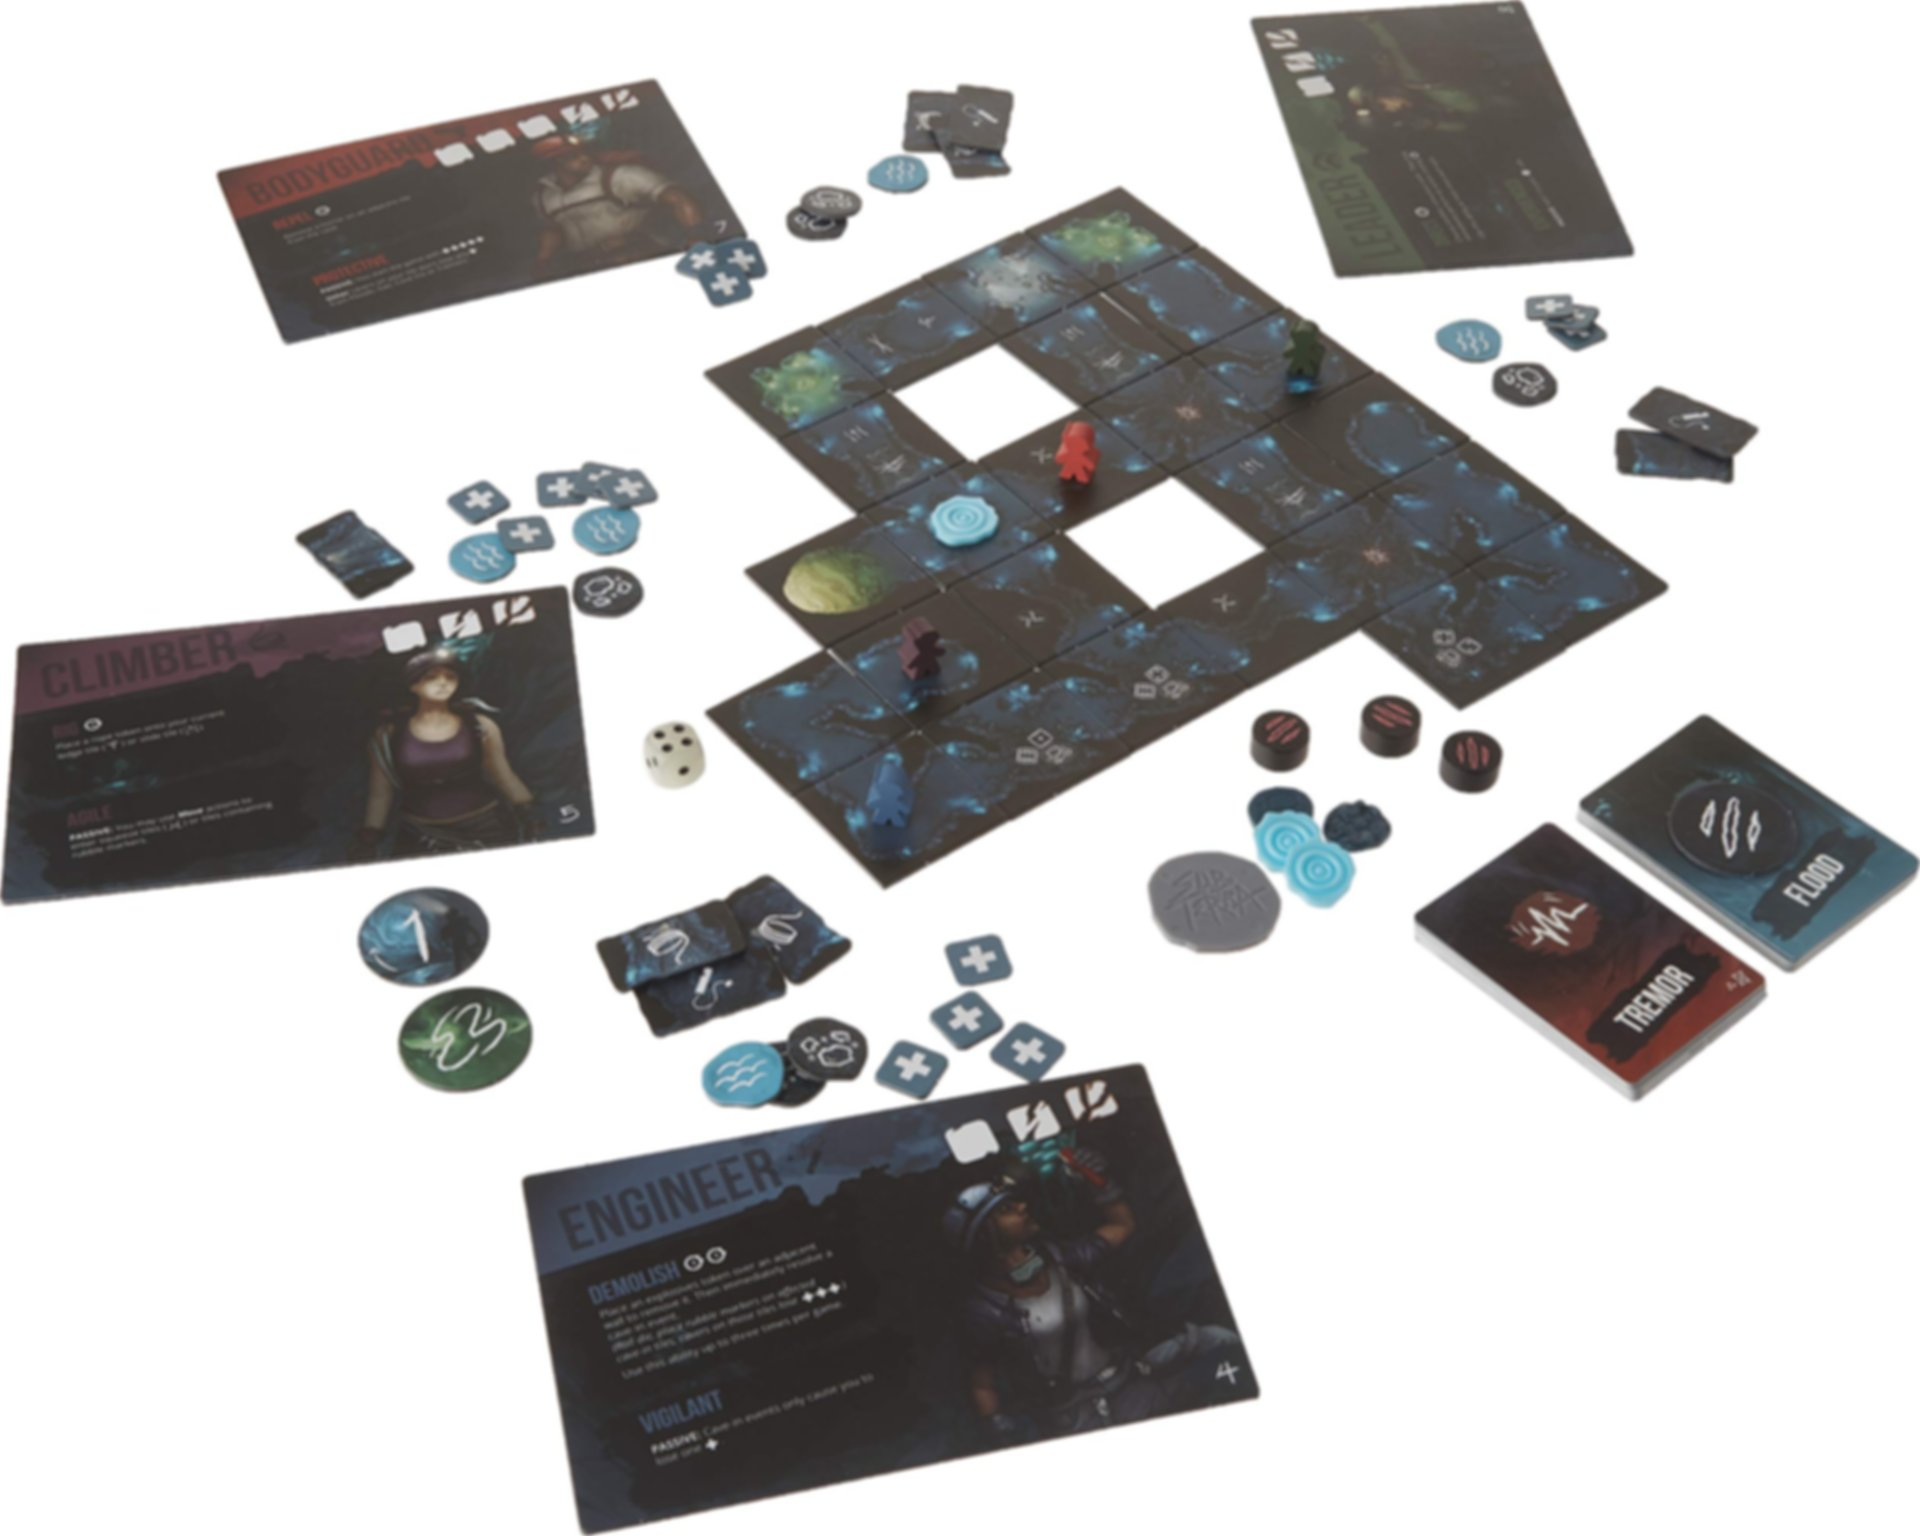 Sub Terra components